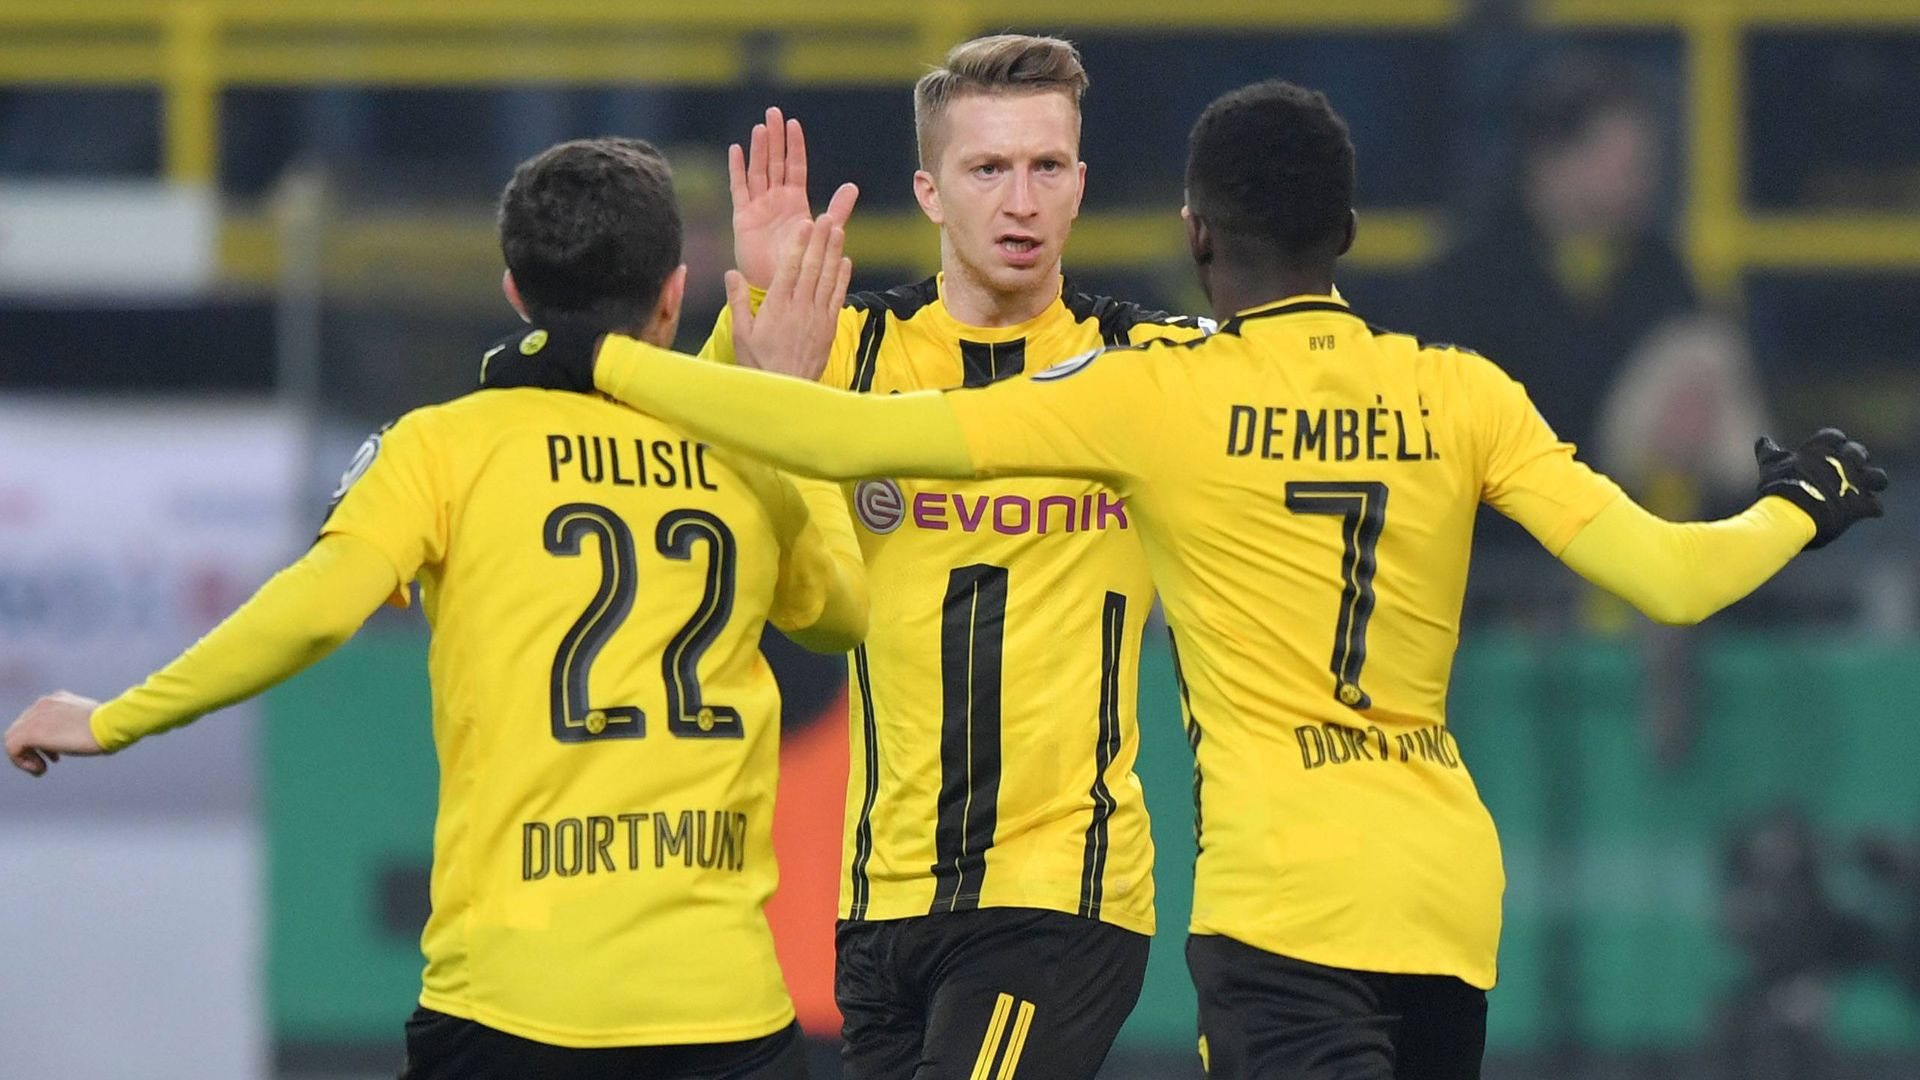 Zyrtare, Chelsea blen yllin e Dortmundit